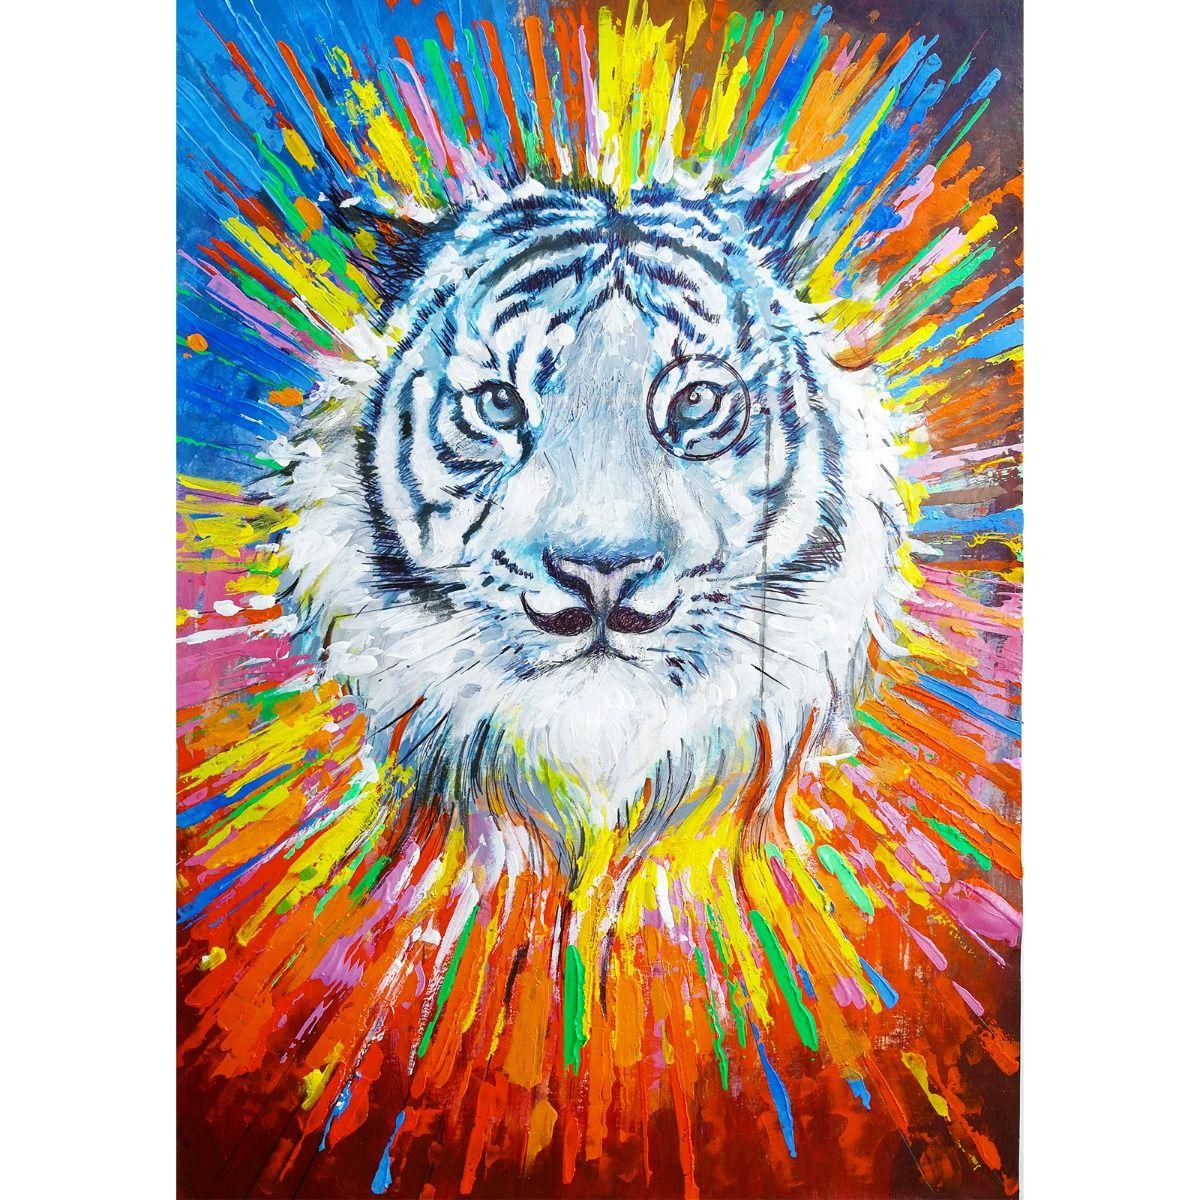 Serie ANIMALES | Cuadro abstracto tigre (140 x 200 cm)